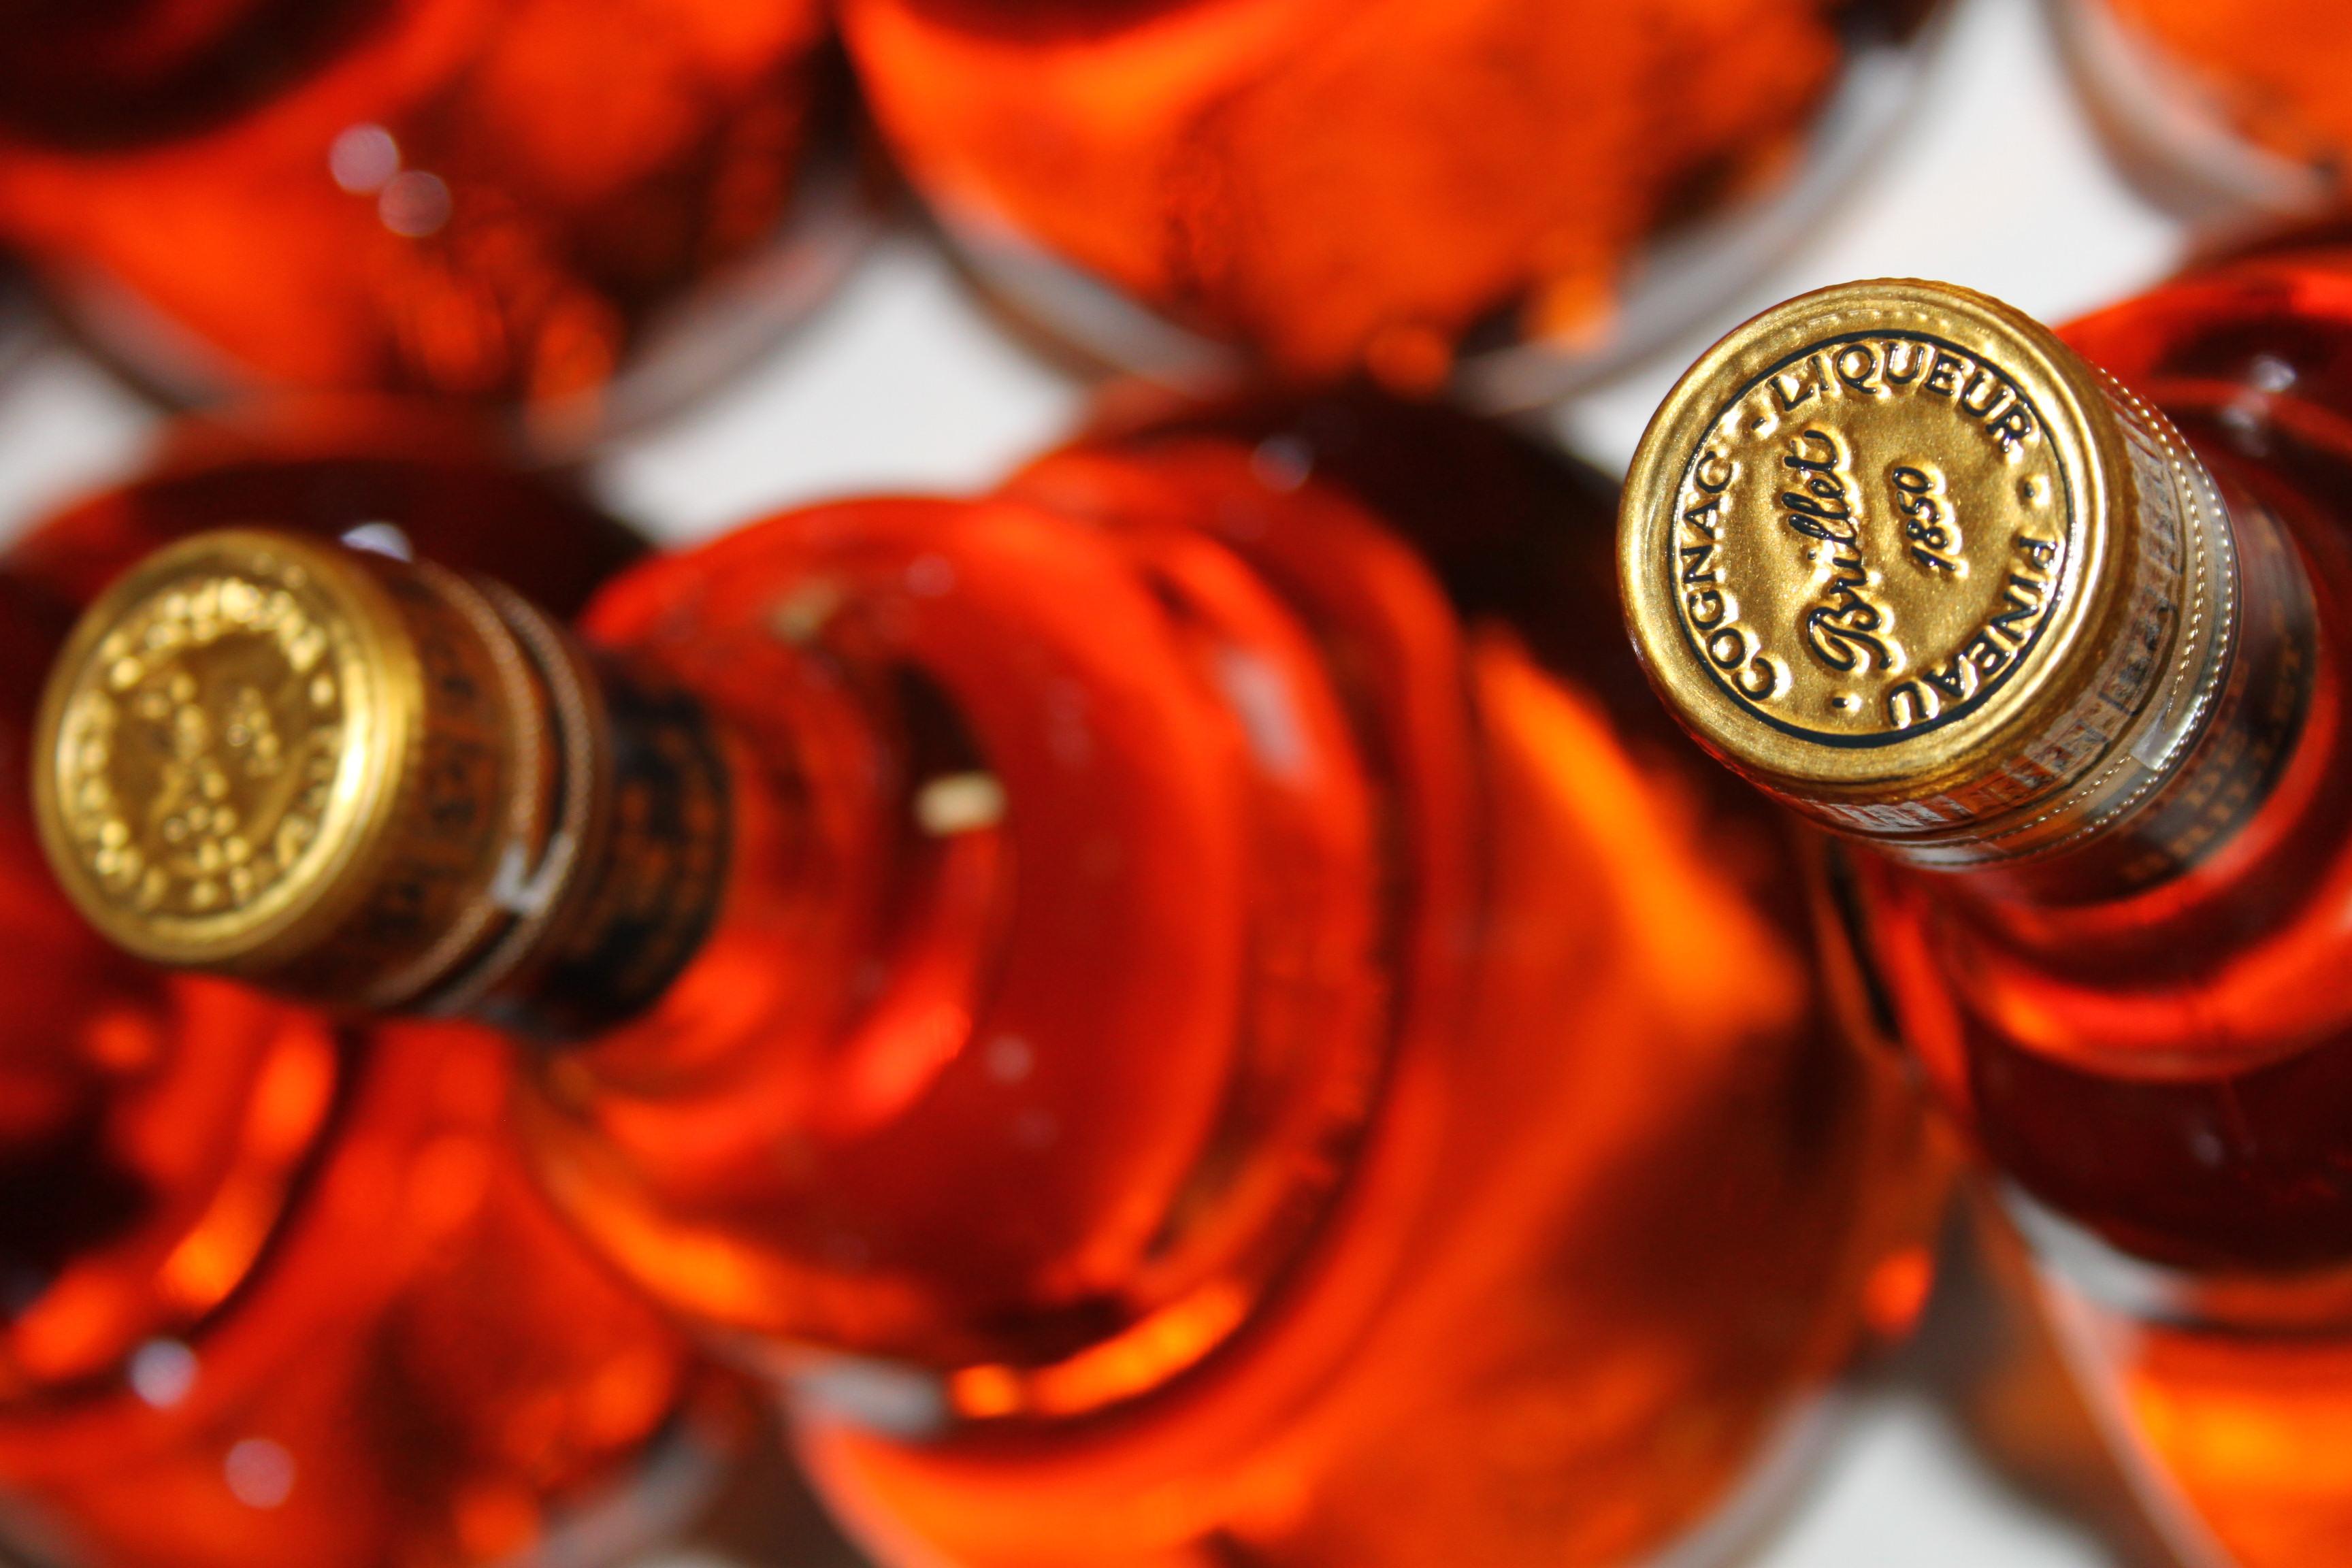 maison brillet belle de brillet cognac a la poire delice charente en croisiere inter croisieres sireuil nicols.jpg